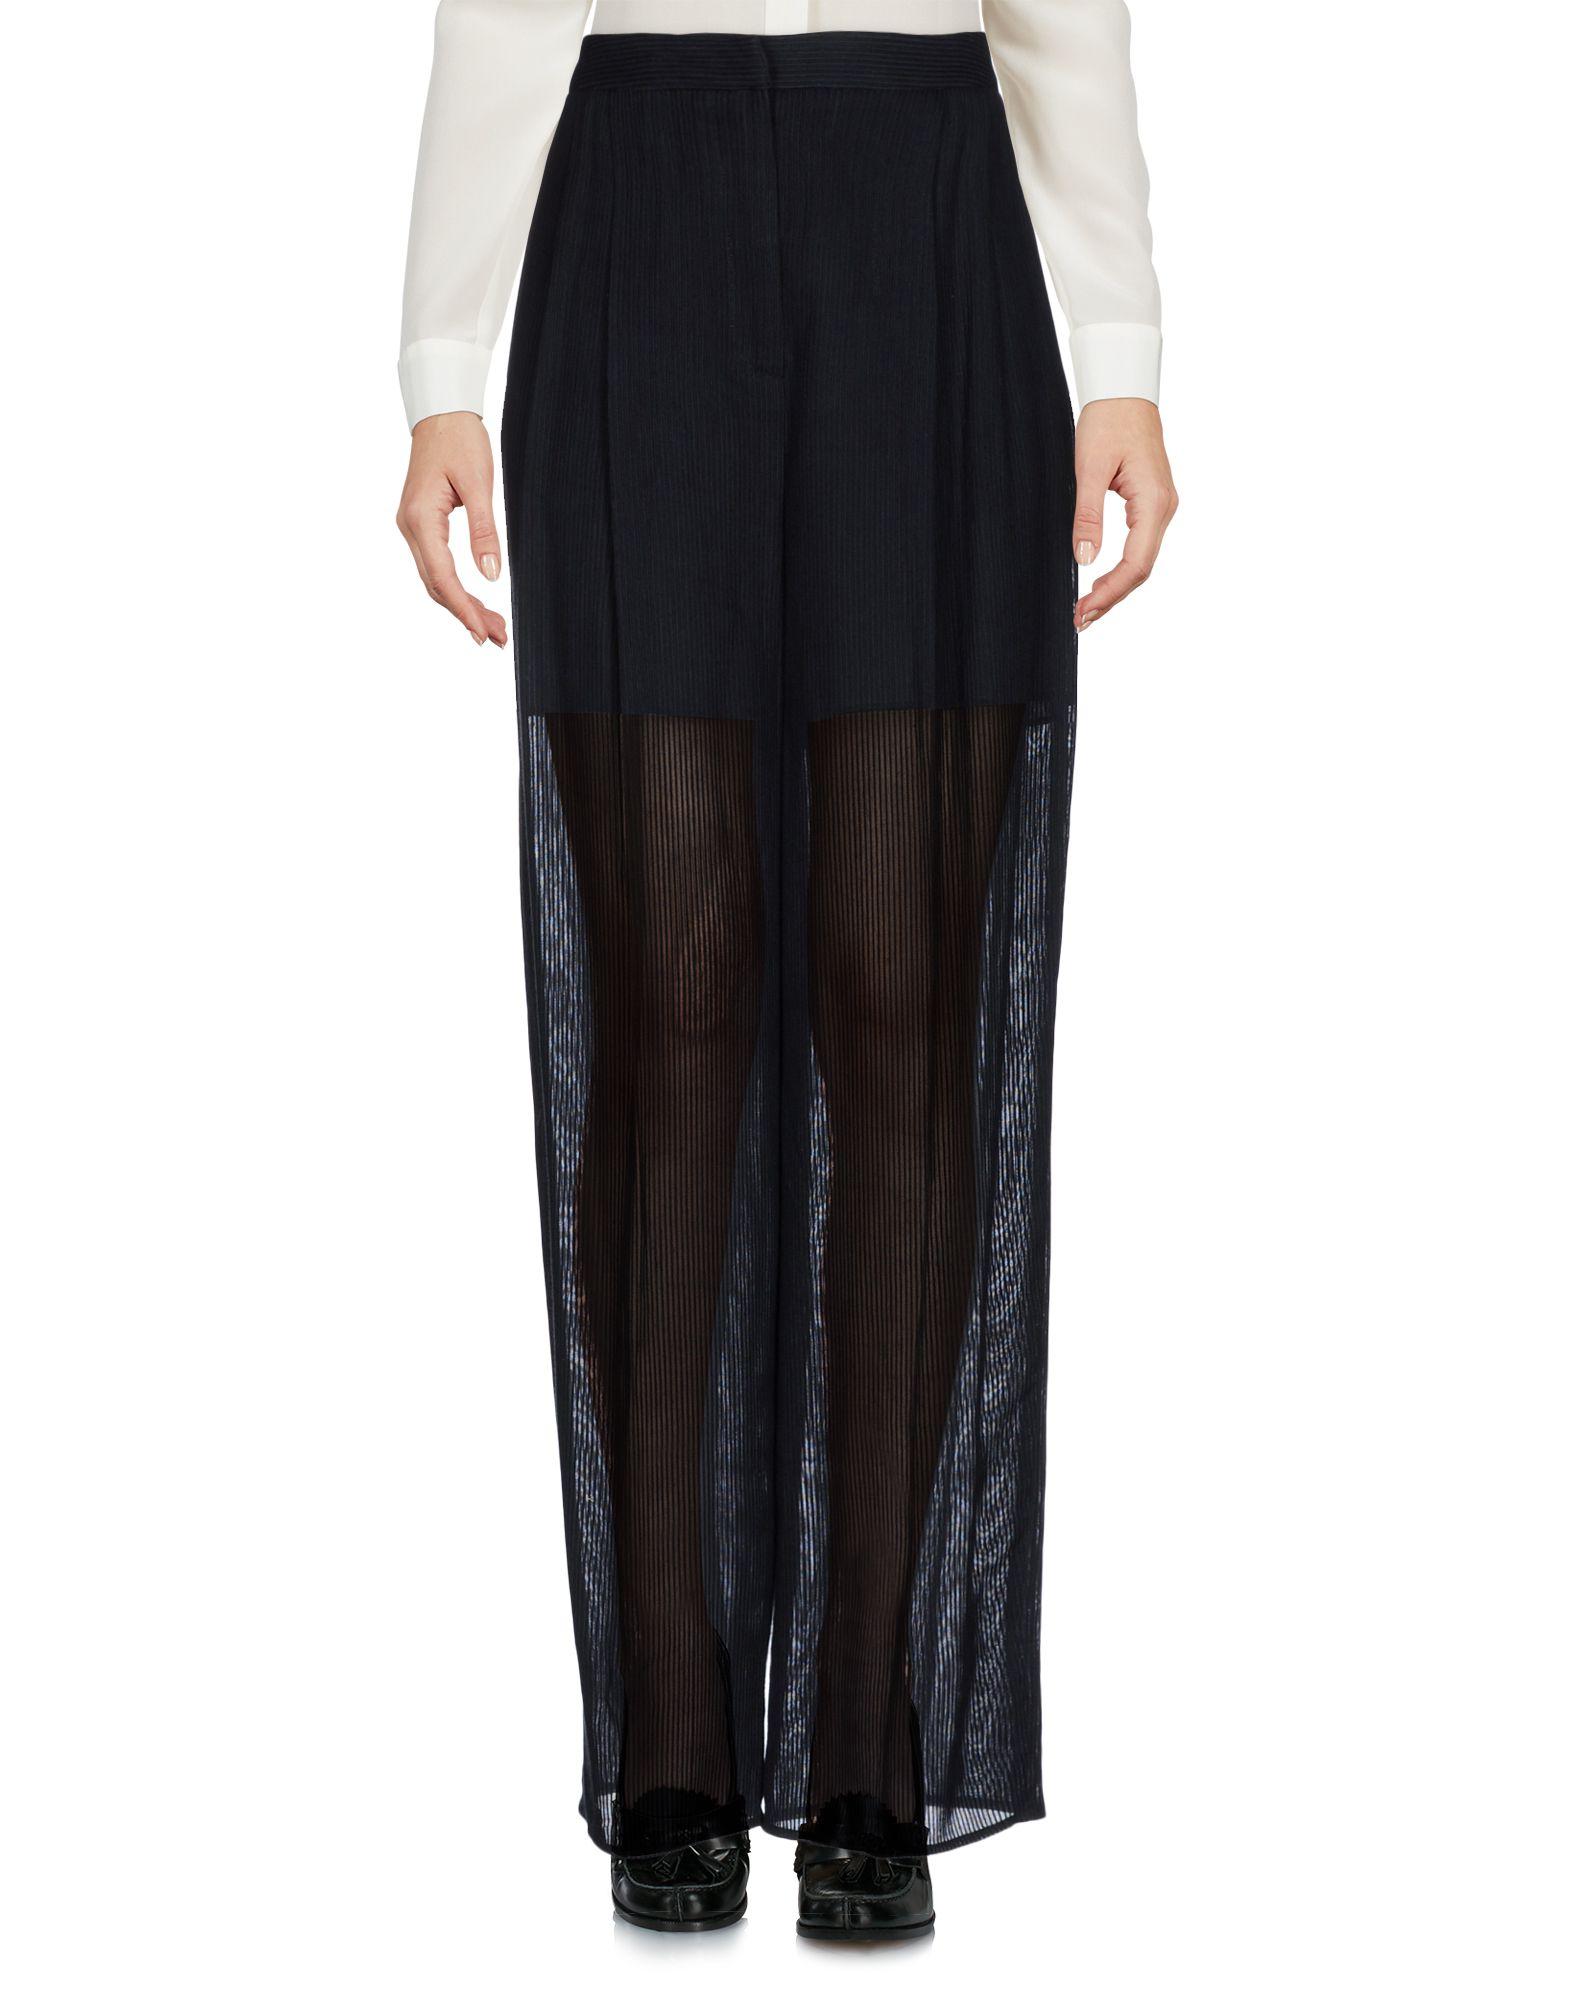 Pantalone Rame Donna - Acquista online su jG5vpzxUn